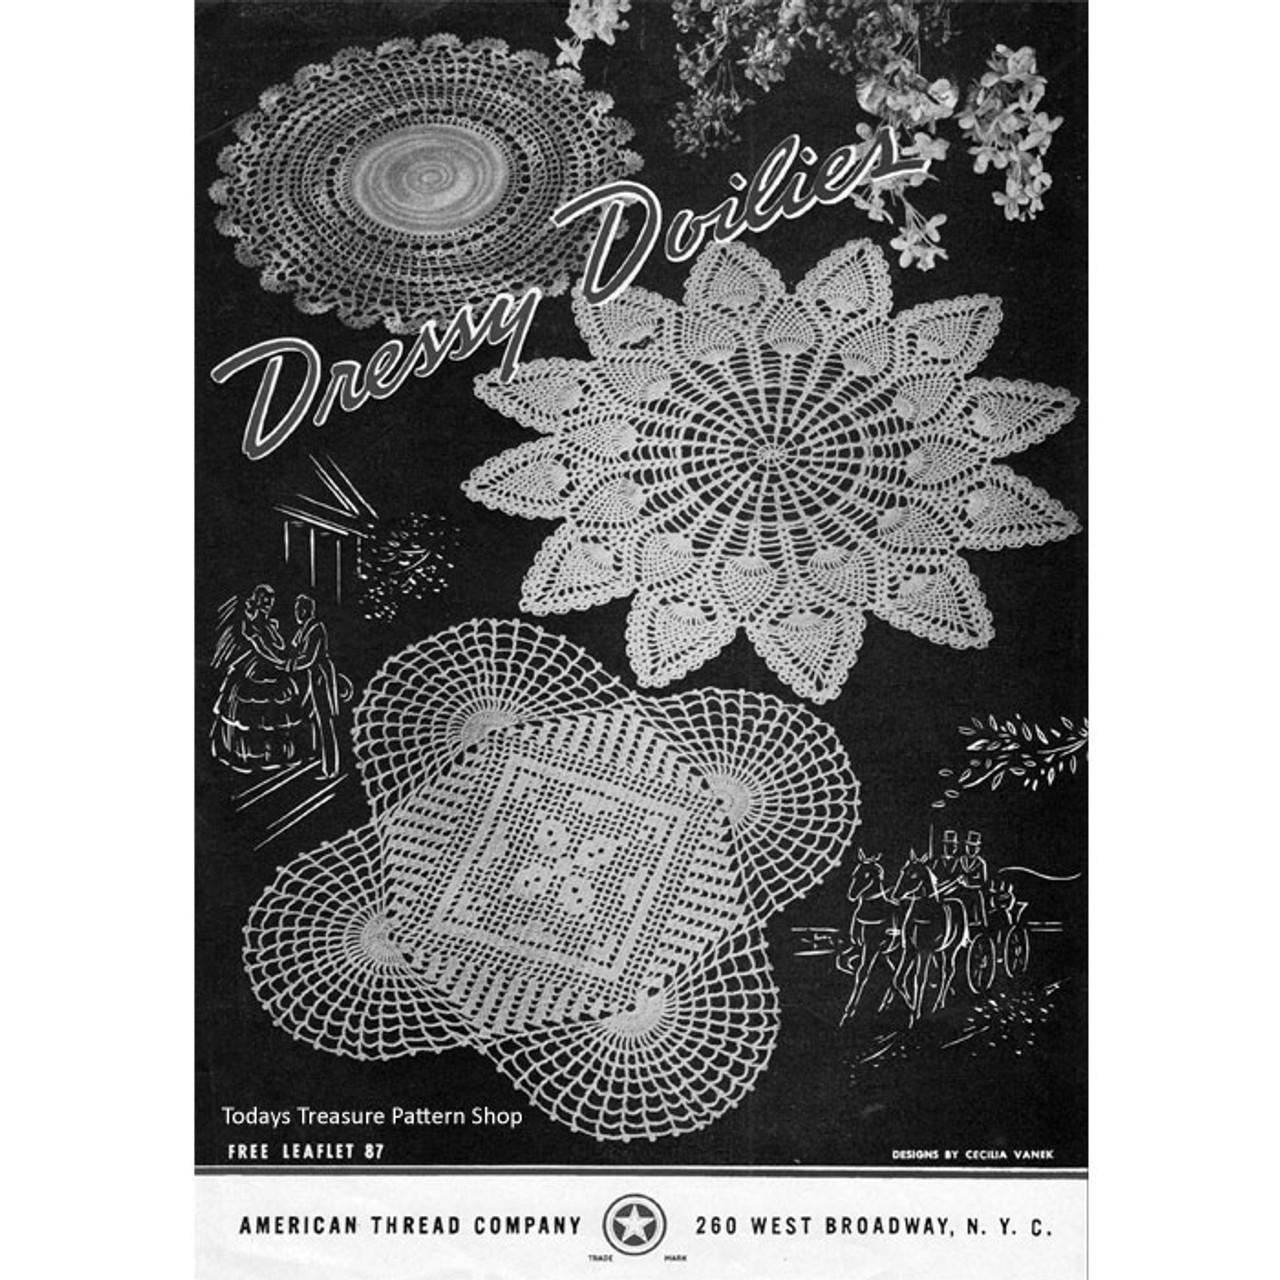 American Thread Dressy Doilies Crochet Pattern Leaflet